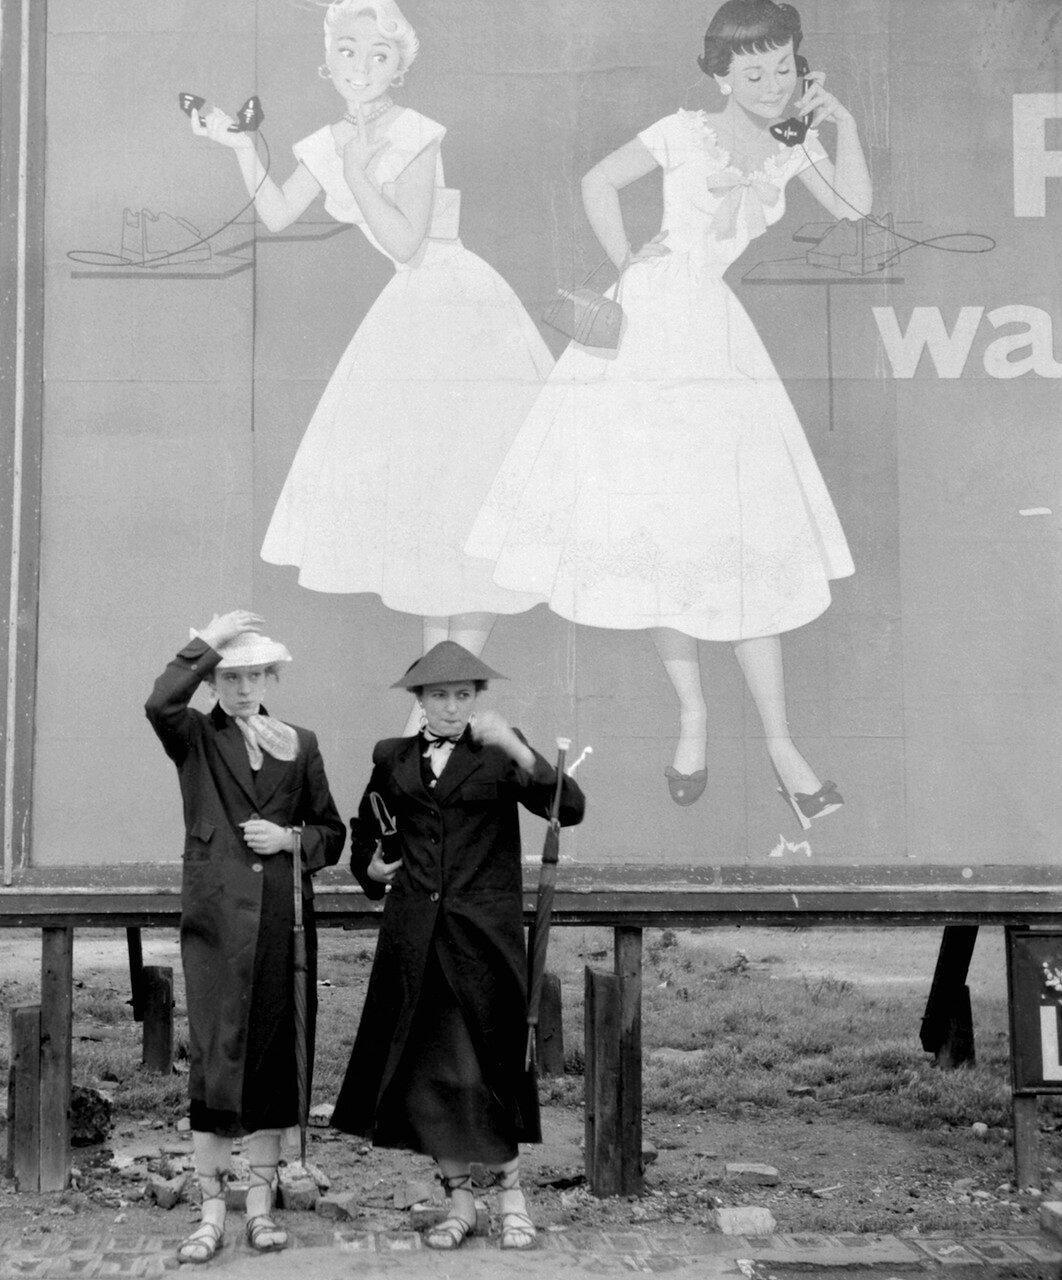 Ирис Торнтон и Пэт Уайлс, семнадцатилетние девушки из Плейстоу, демонстрируют свои эспадрильи на шнуровке